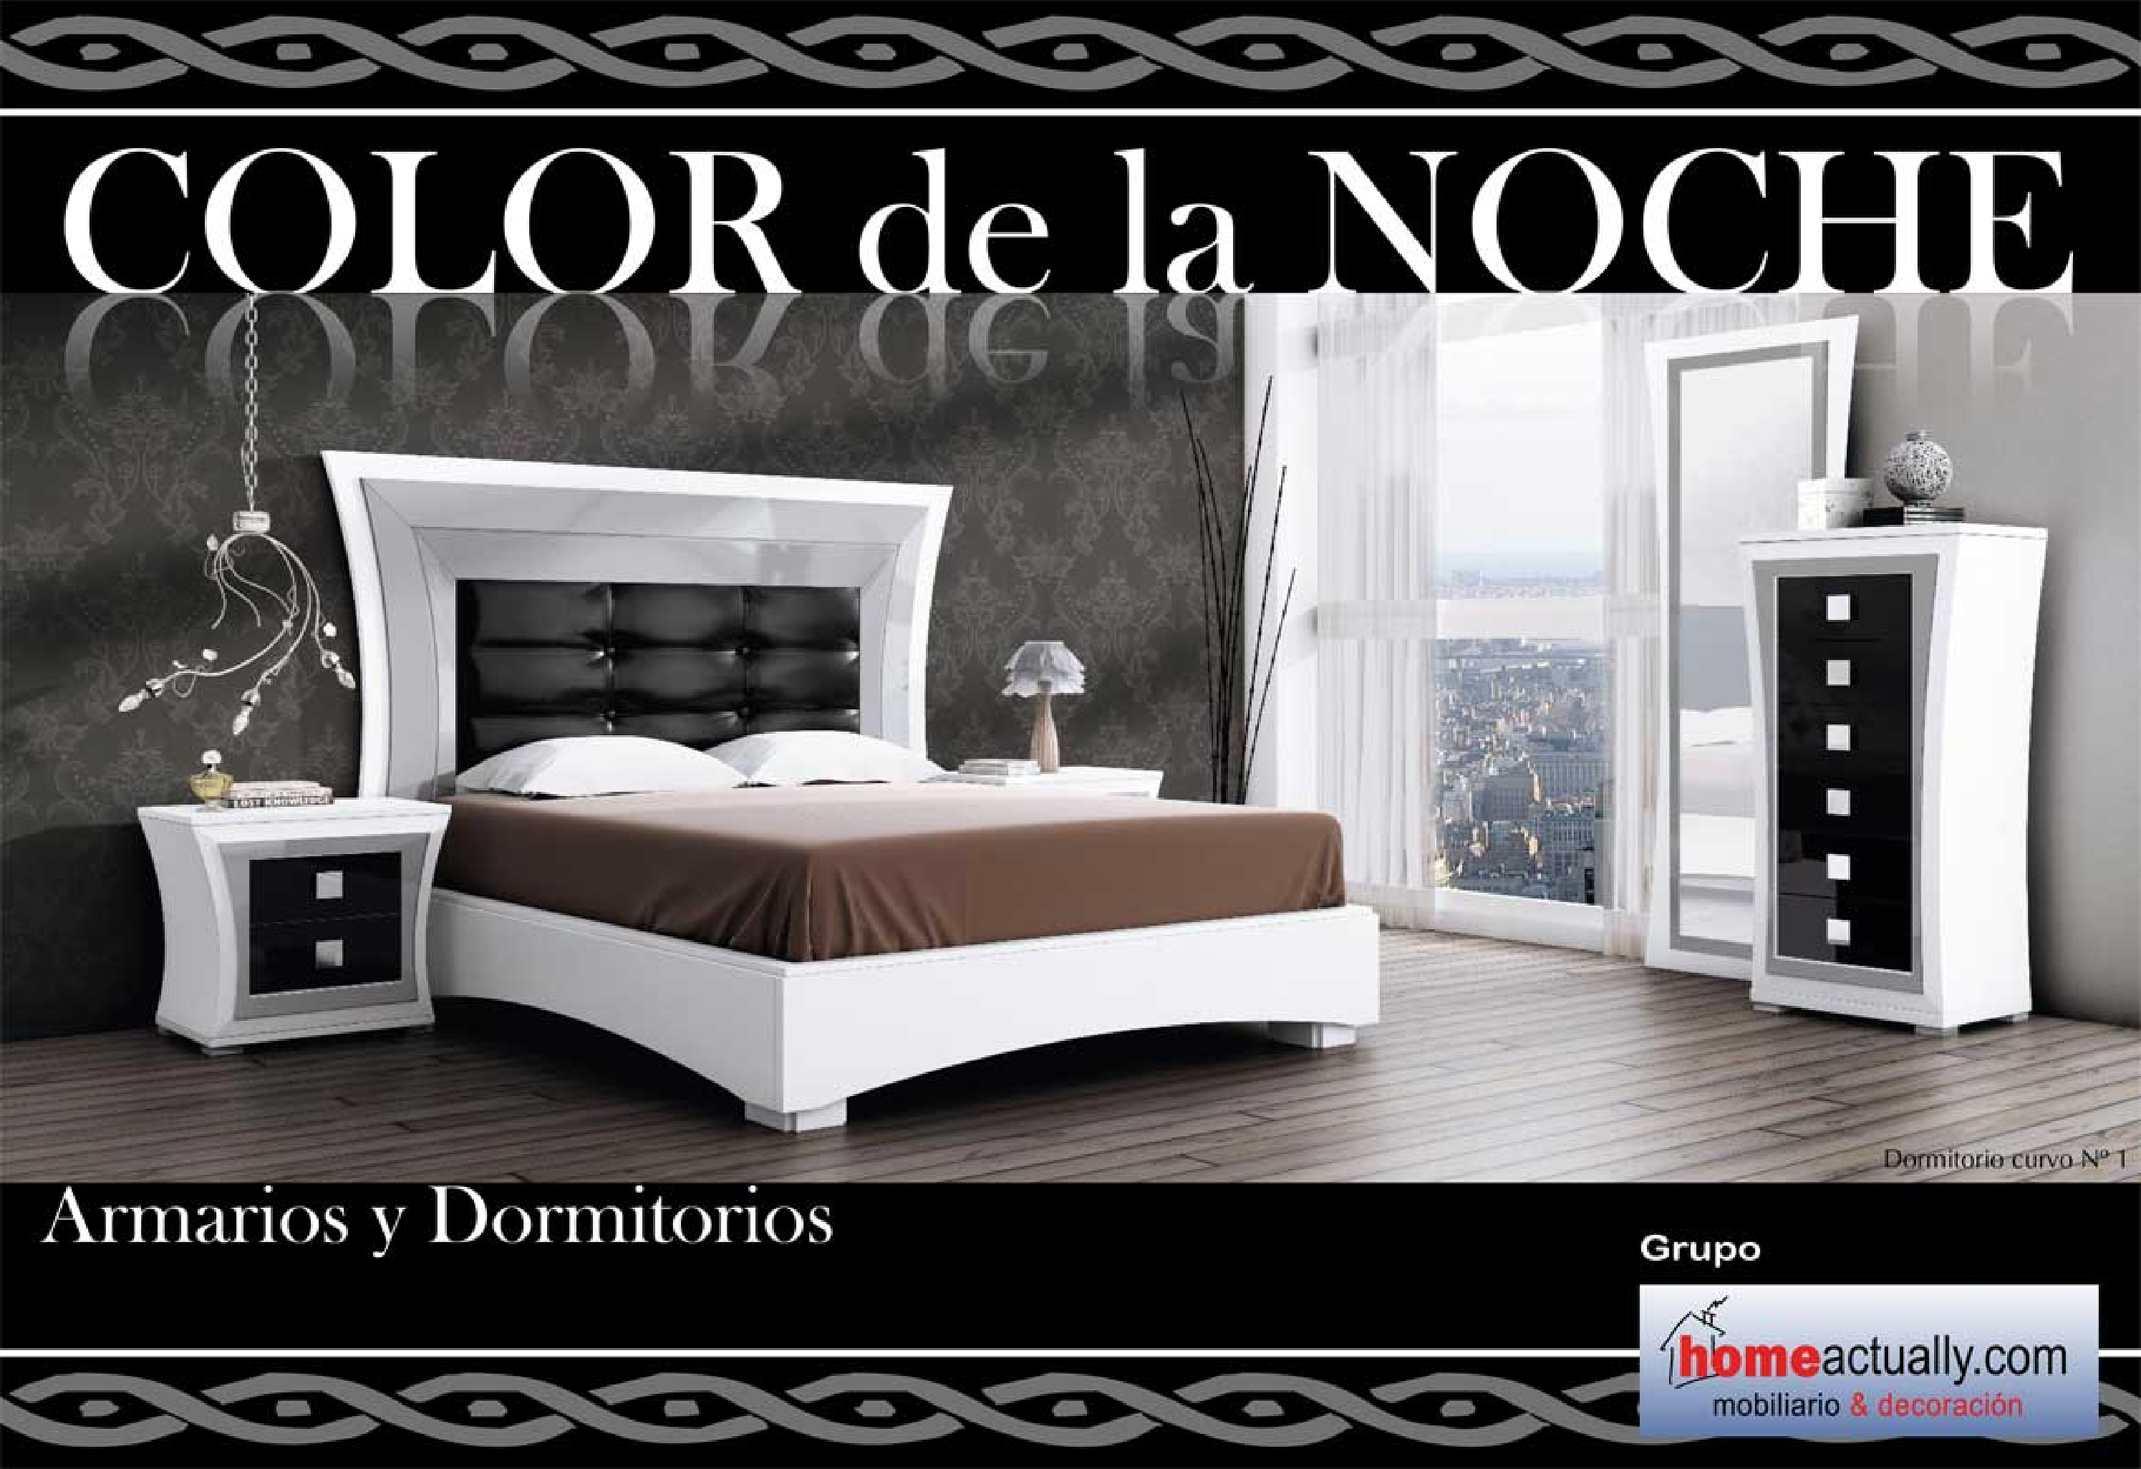 Calam o muebles san francisco madrid muebles baratos en madrid dormitorios - Muebles usados madrid ...